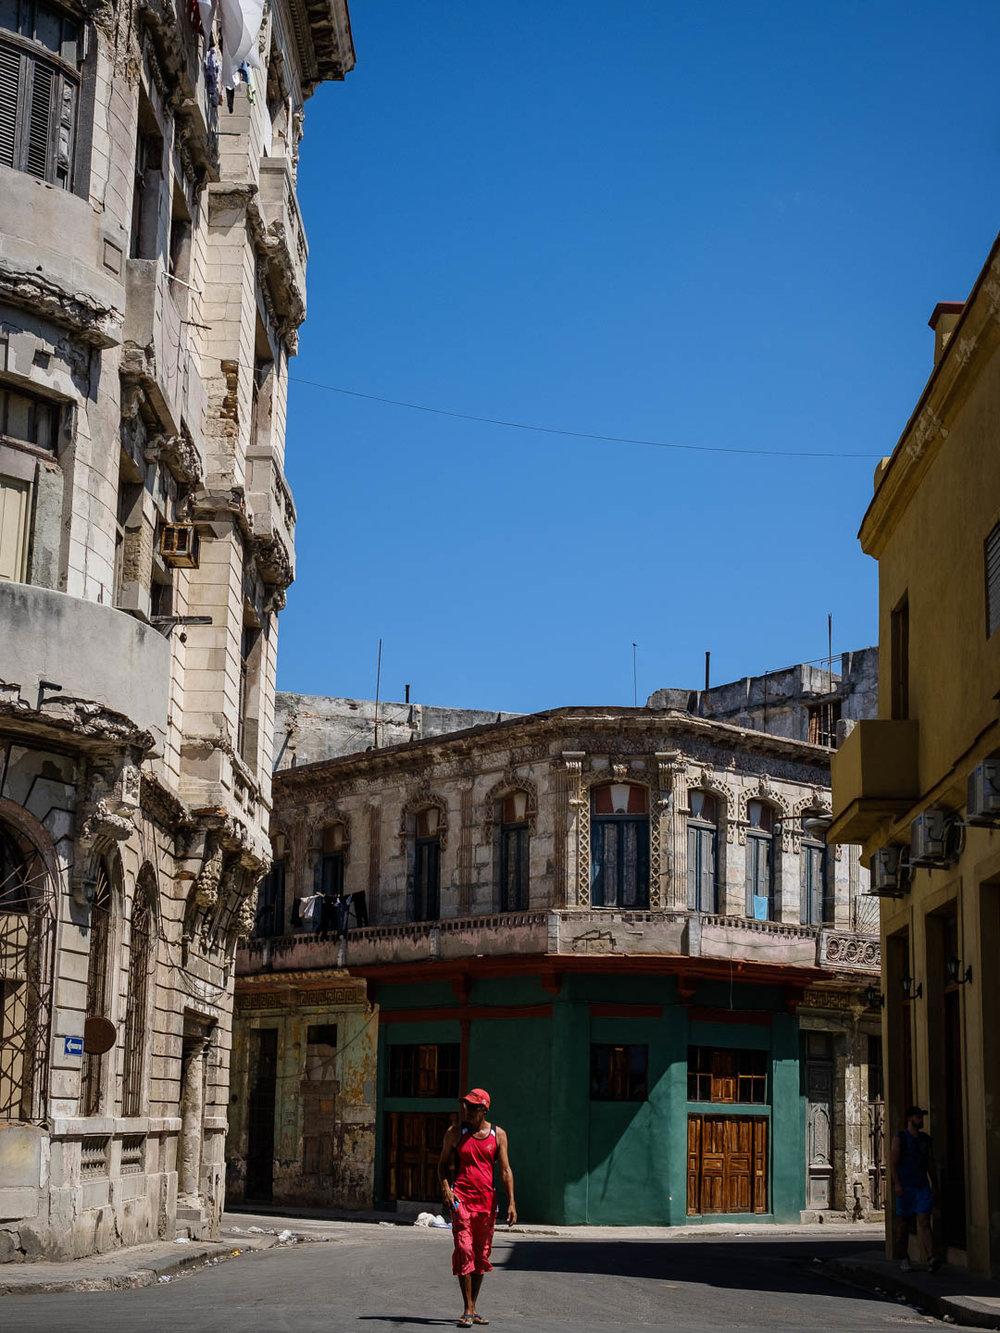 180501-Havana-279-1080.jpg